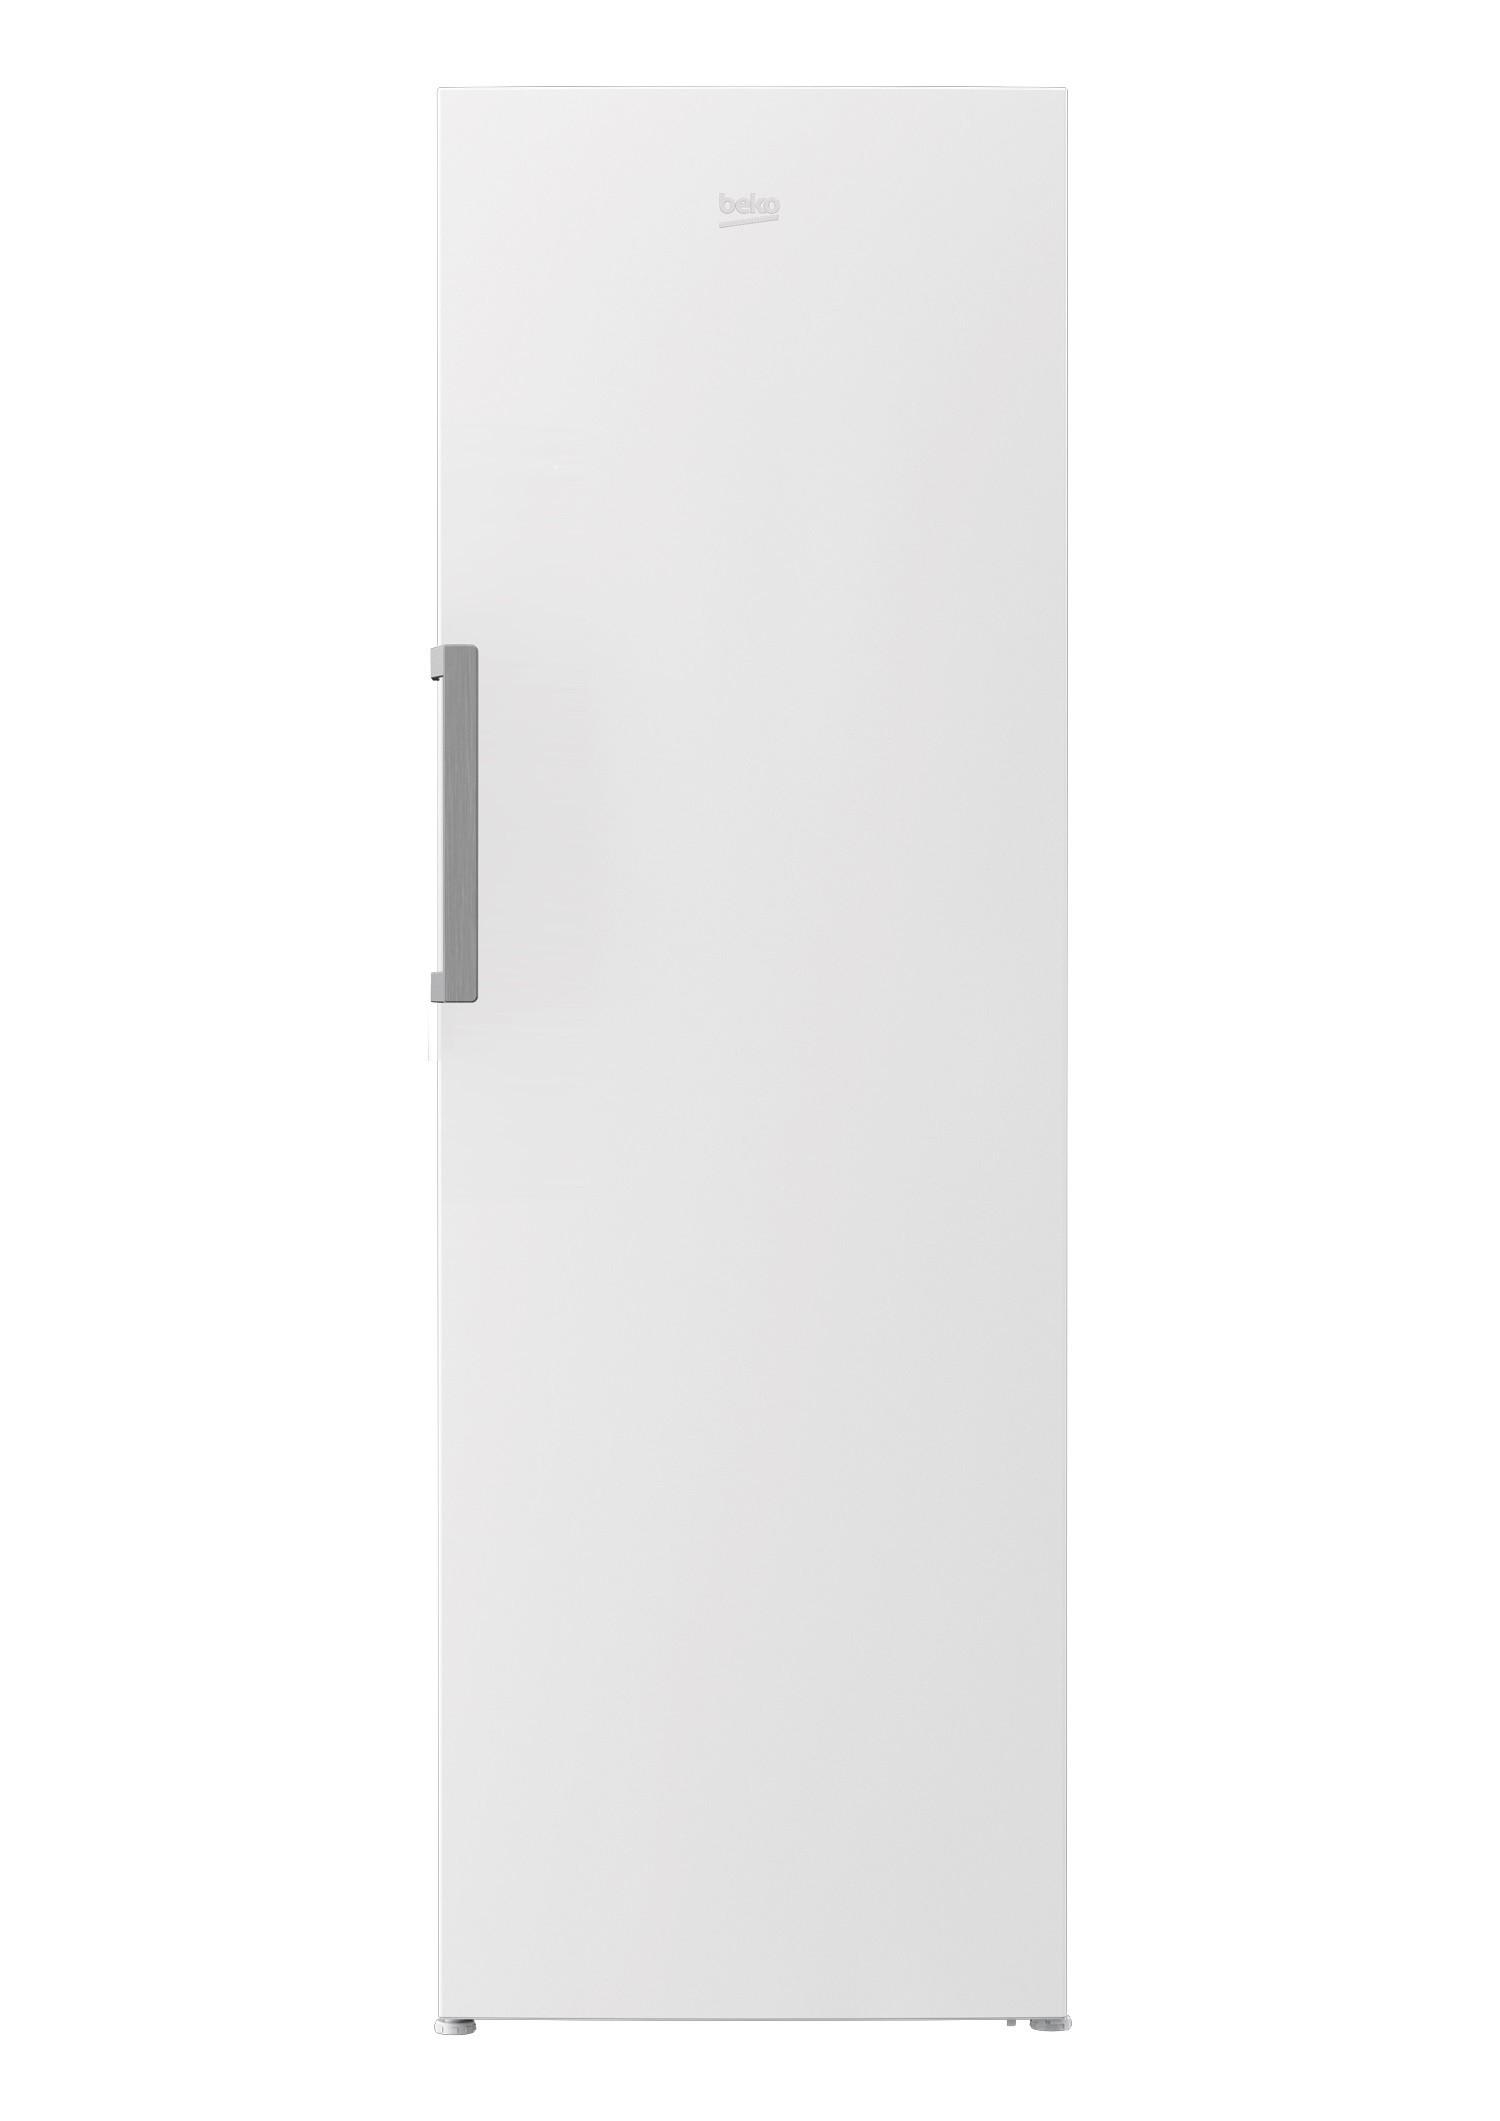 Frigorifico 1p Beko Rsse445k31wn 167cm Blanco A++